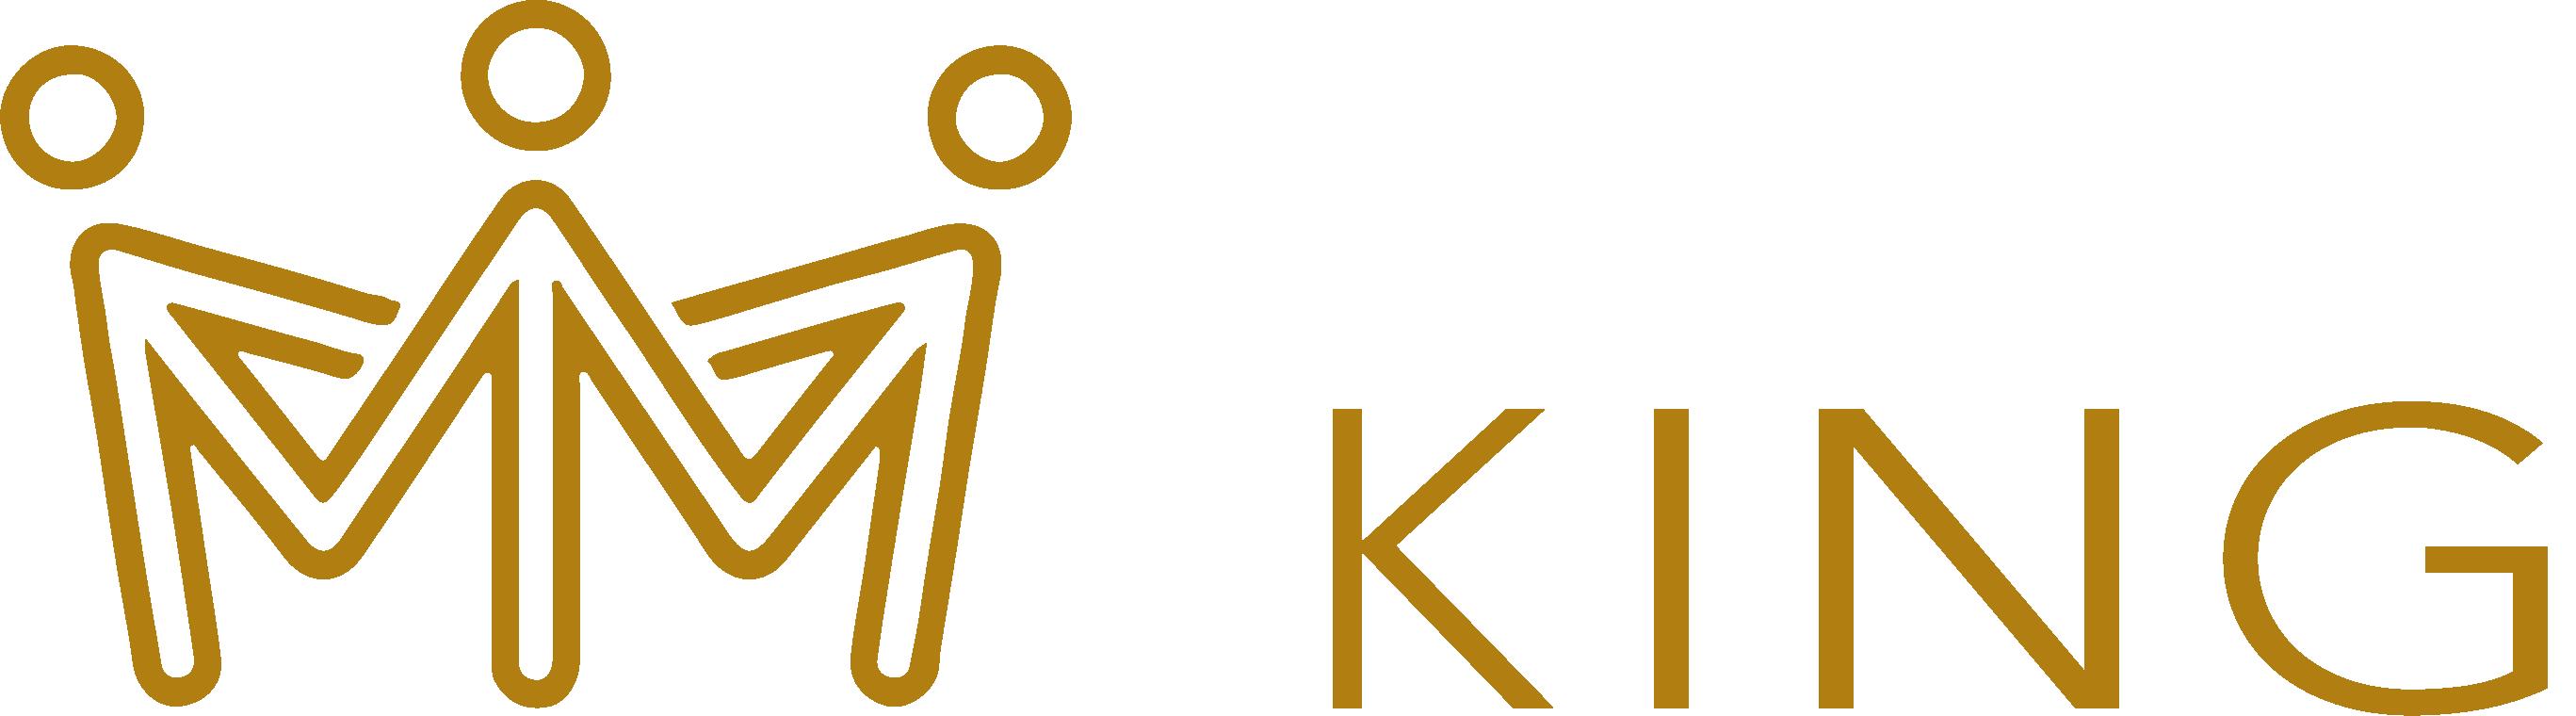 MindKing